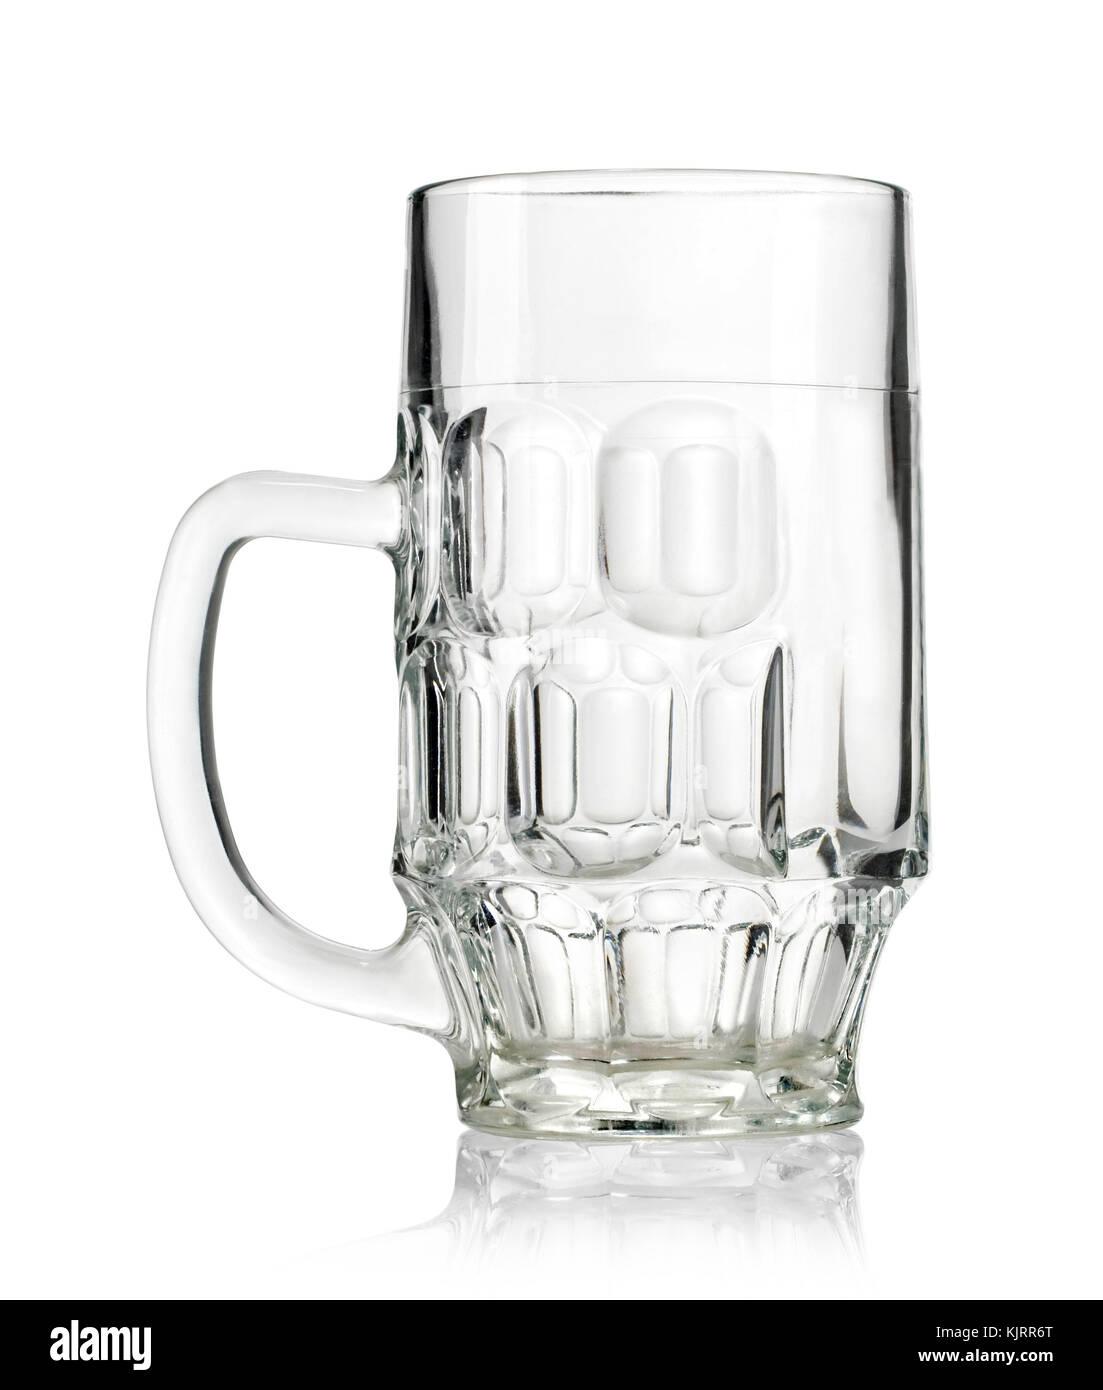 Empty beer mug isolated on white background - Stock Image